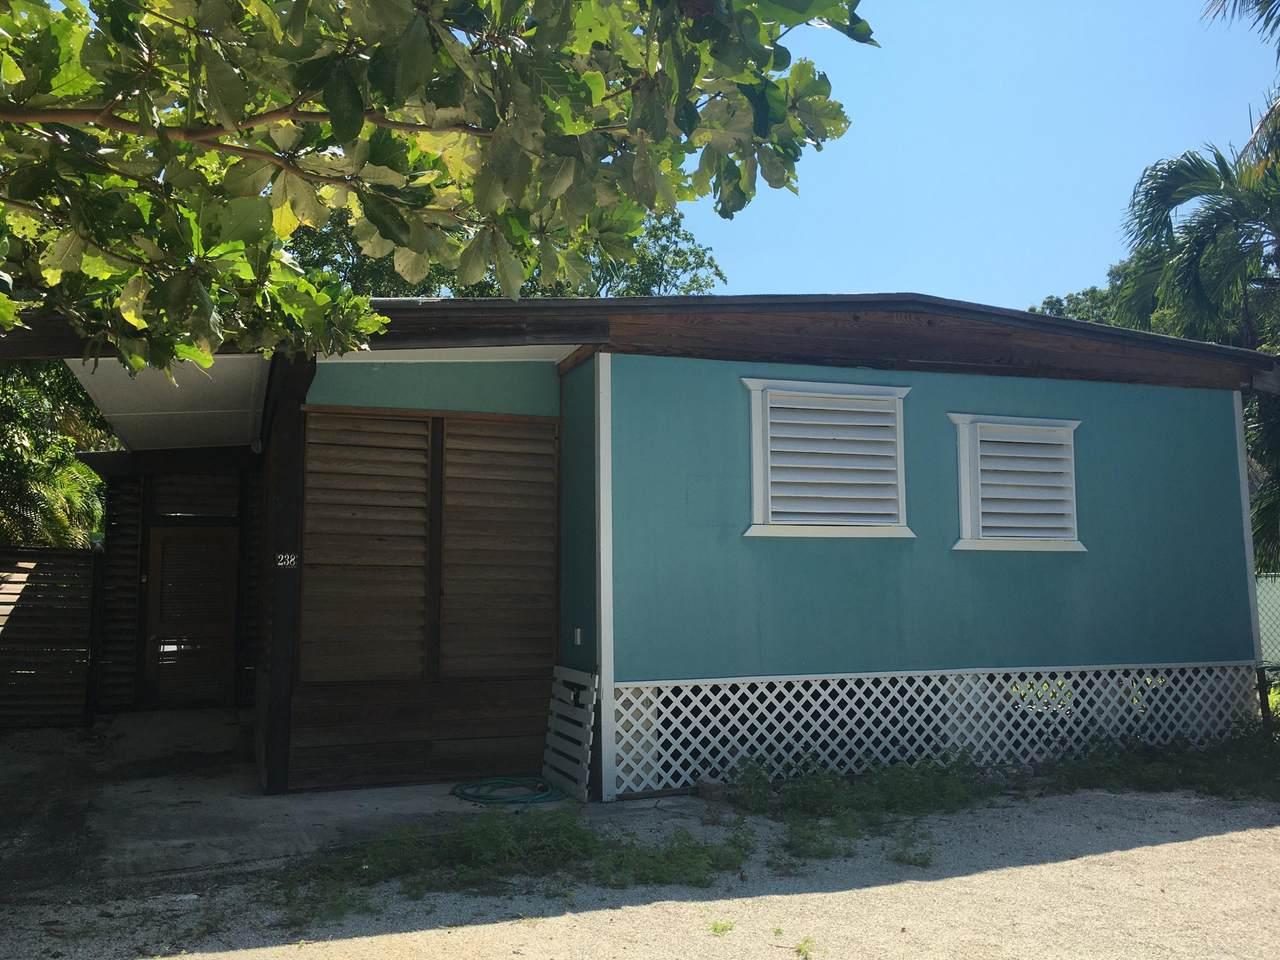 238 Cuba Road - Photo 1